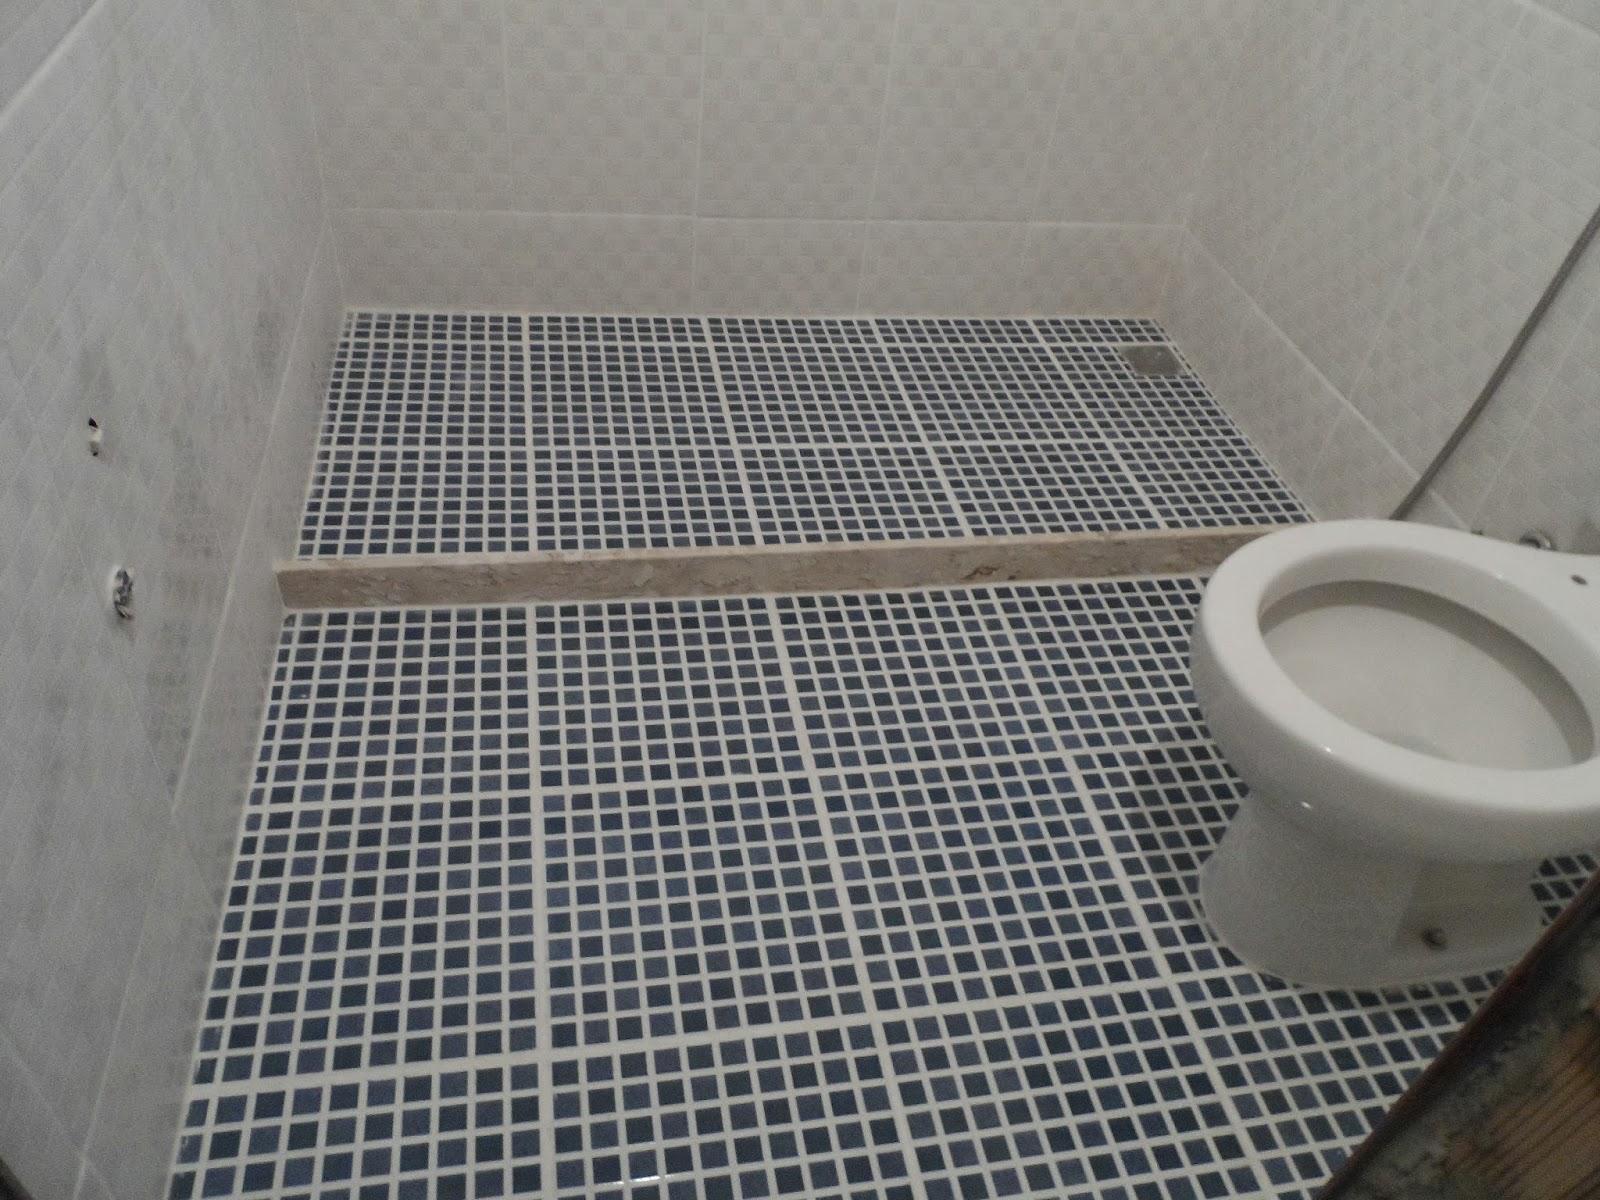 Minha casa te inspira: Banheiro azul e Branco #58534A 1600x1200 Banheiro Branco Com Rejunte Azul